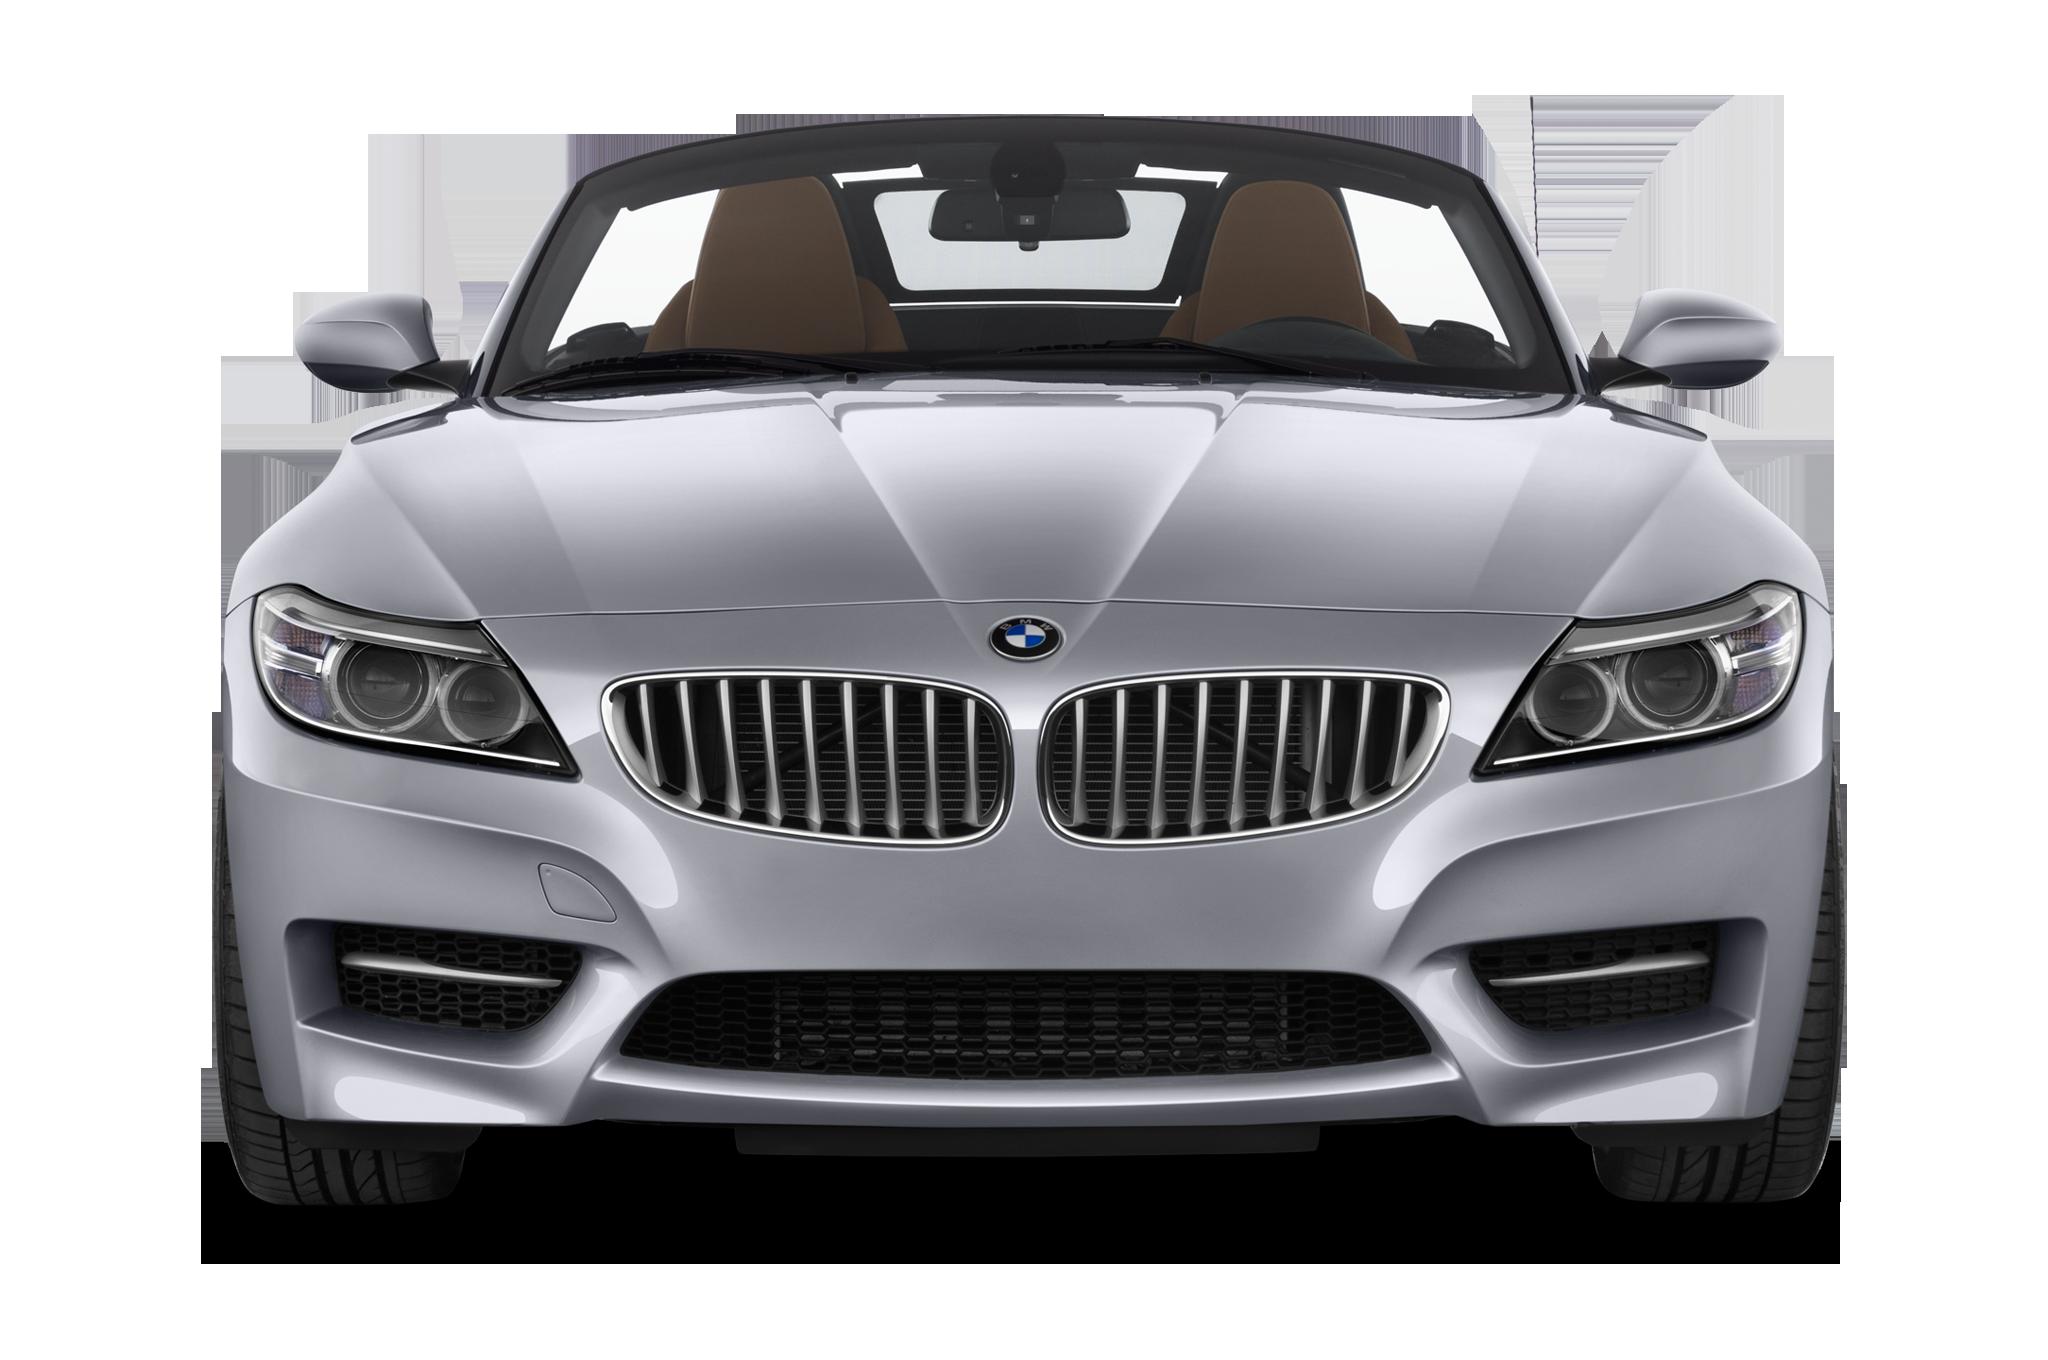 first drive: 2012 bmw z4 sdrive28i - automobile magazine